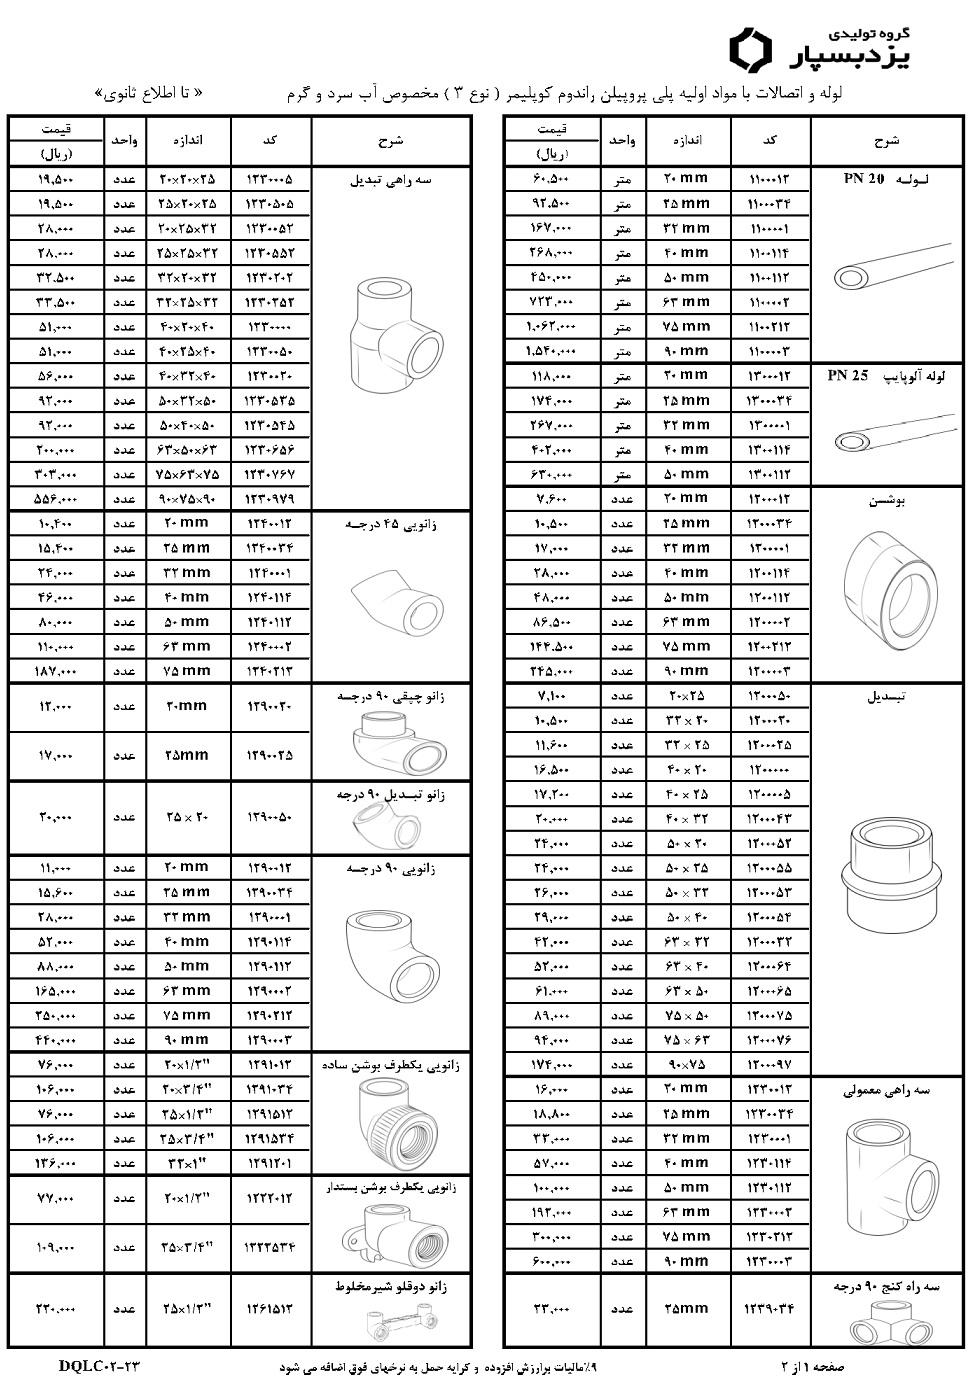 لیست قیمت یزد بسپار